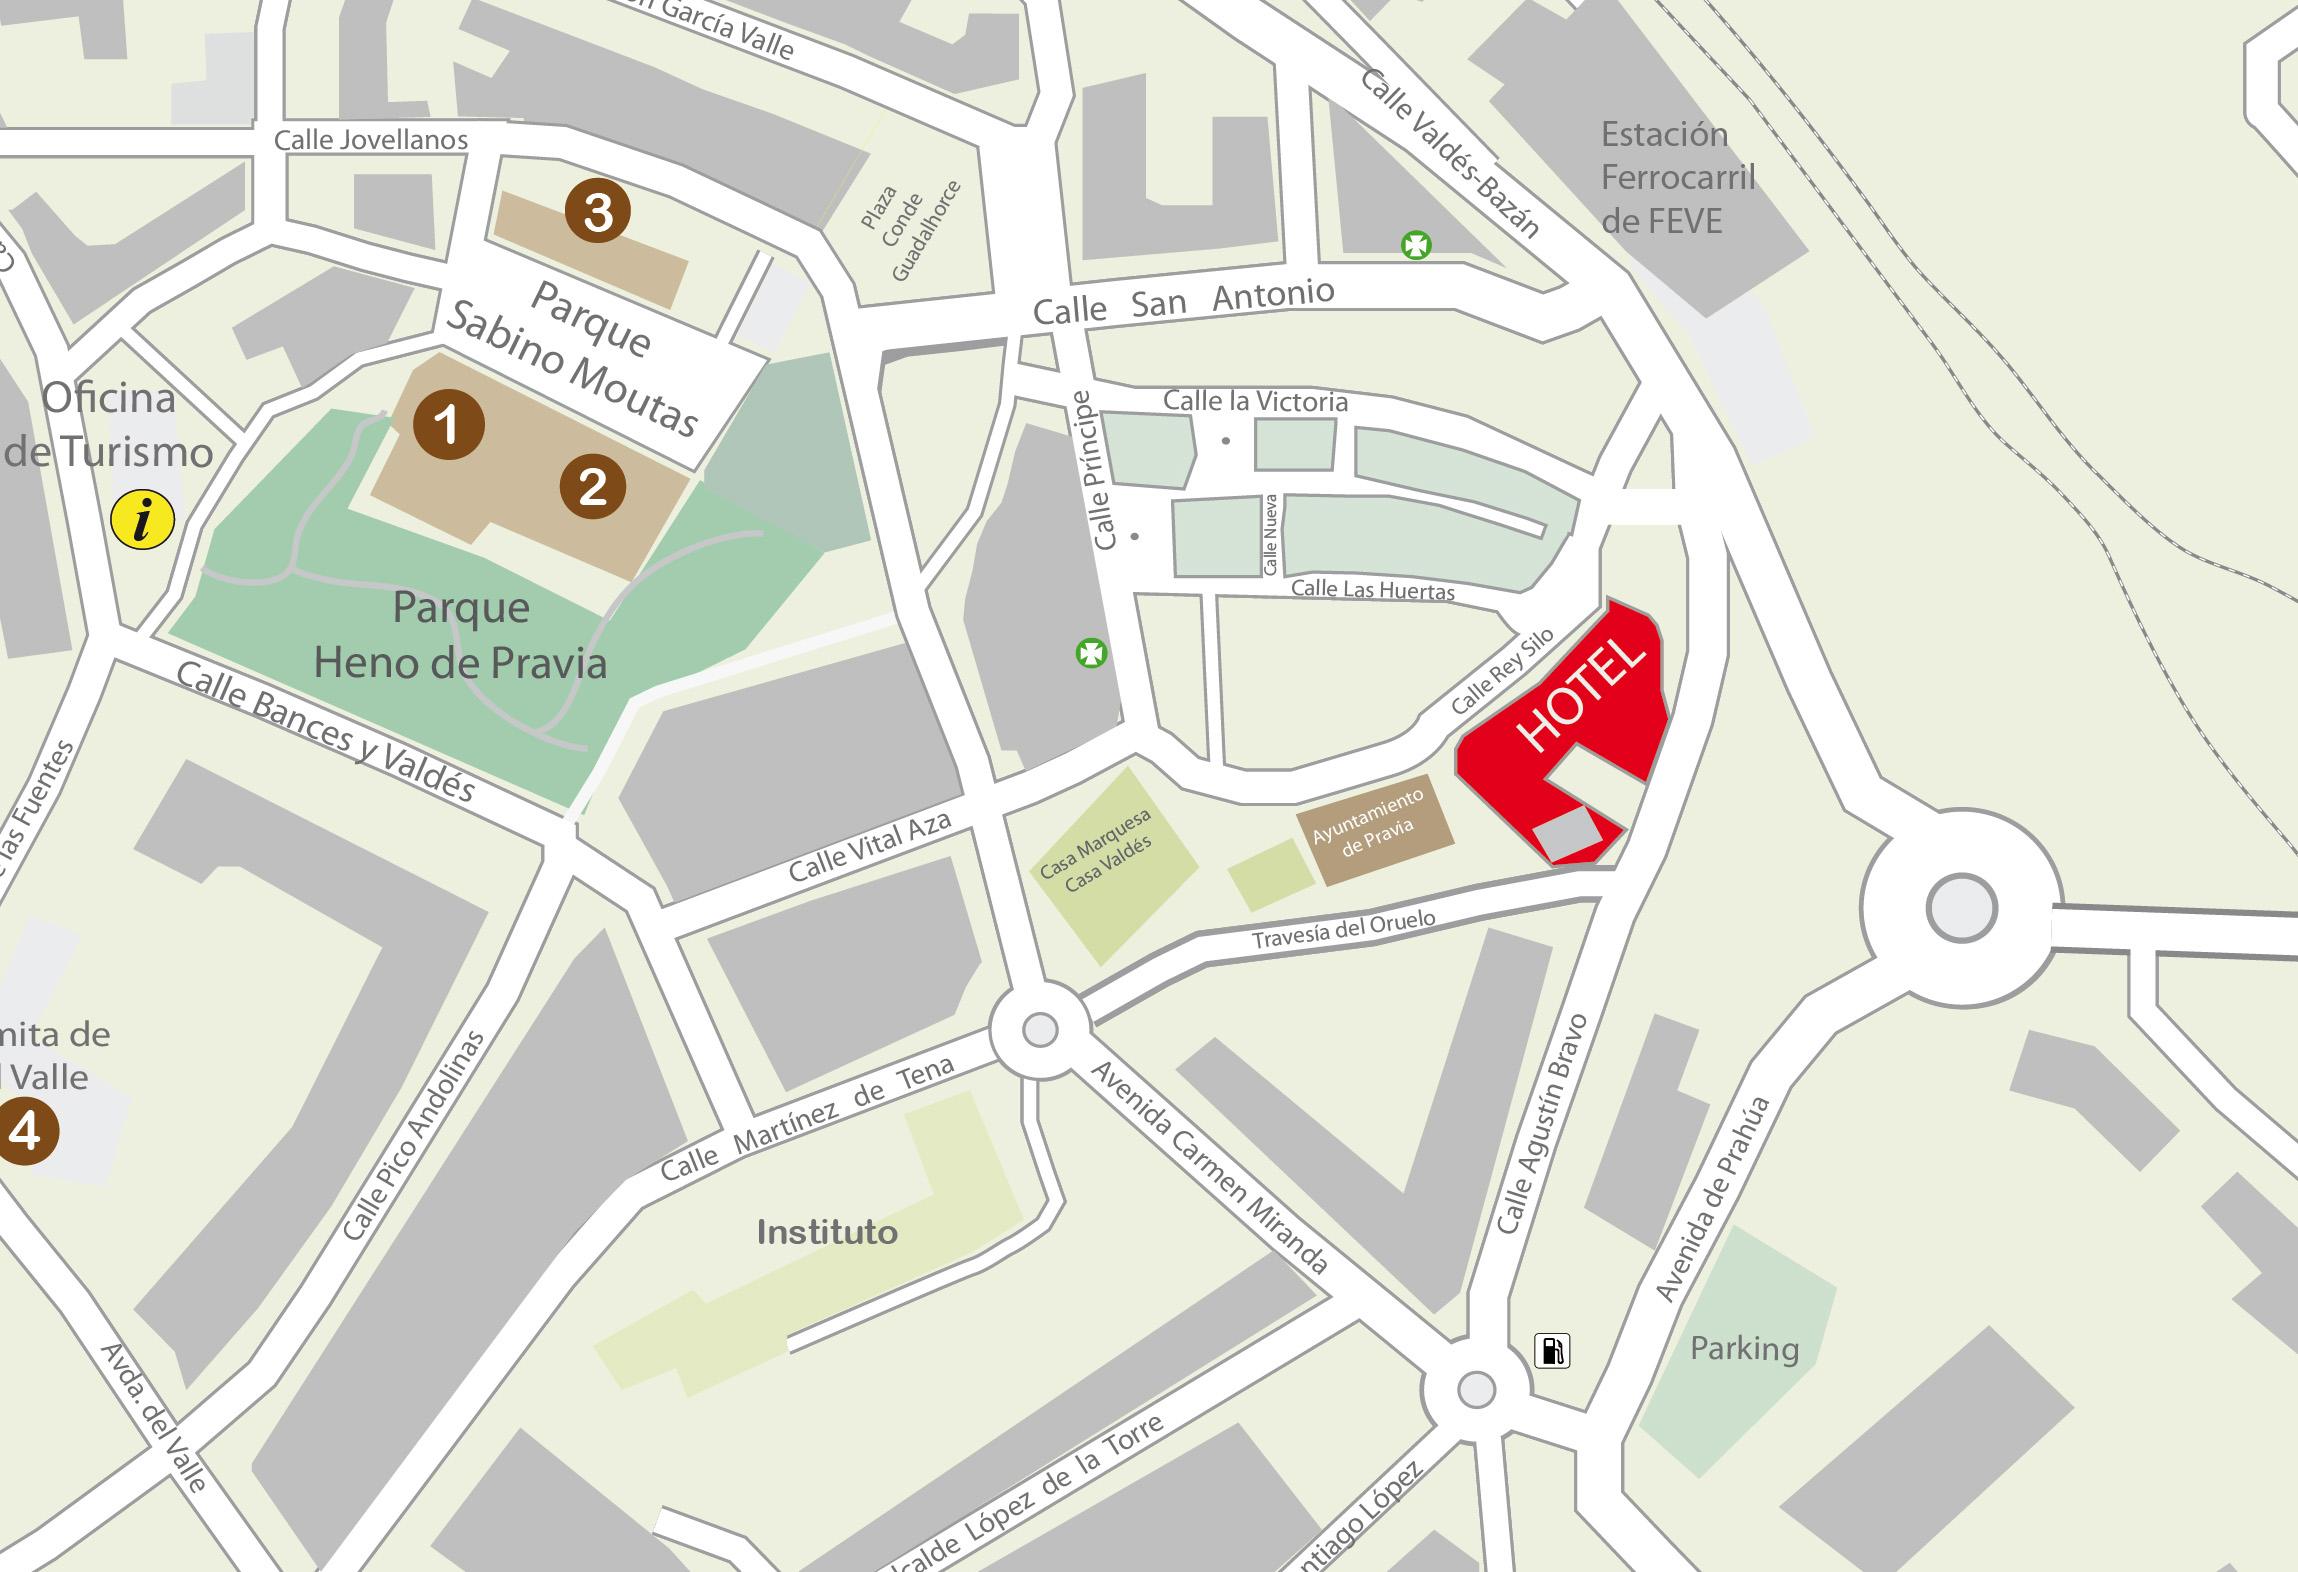 Plano Hotel Casona del Busto aparcamiento